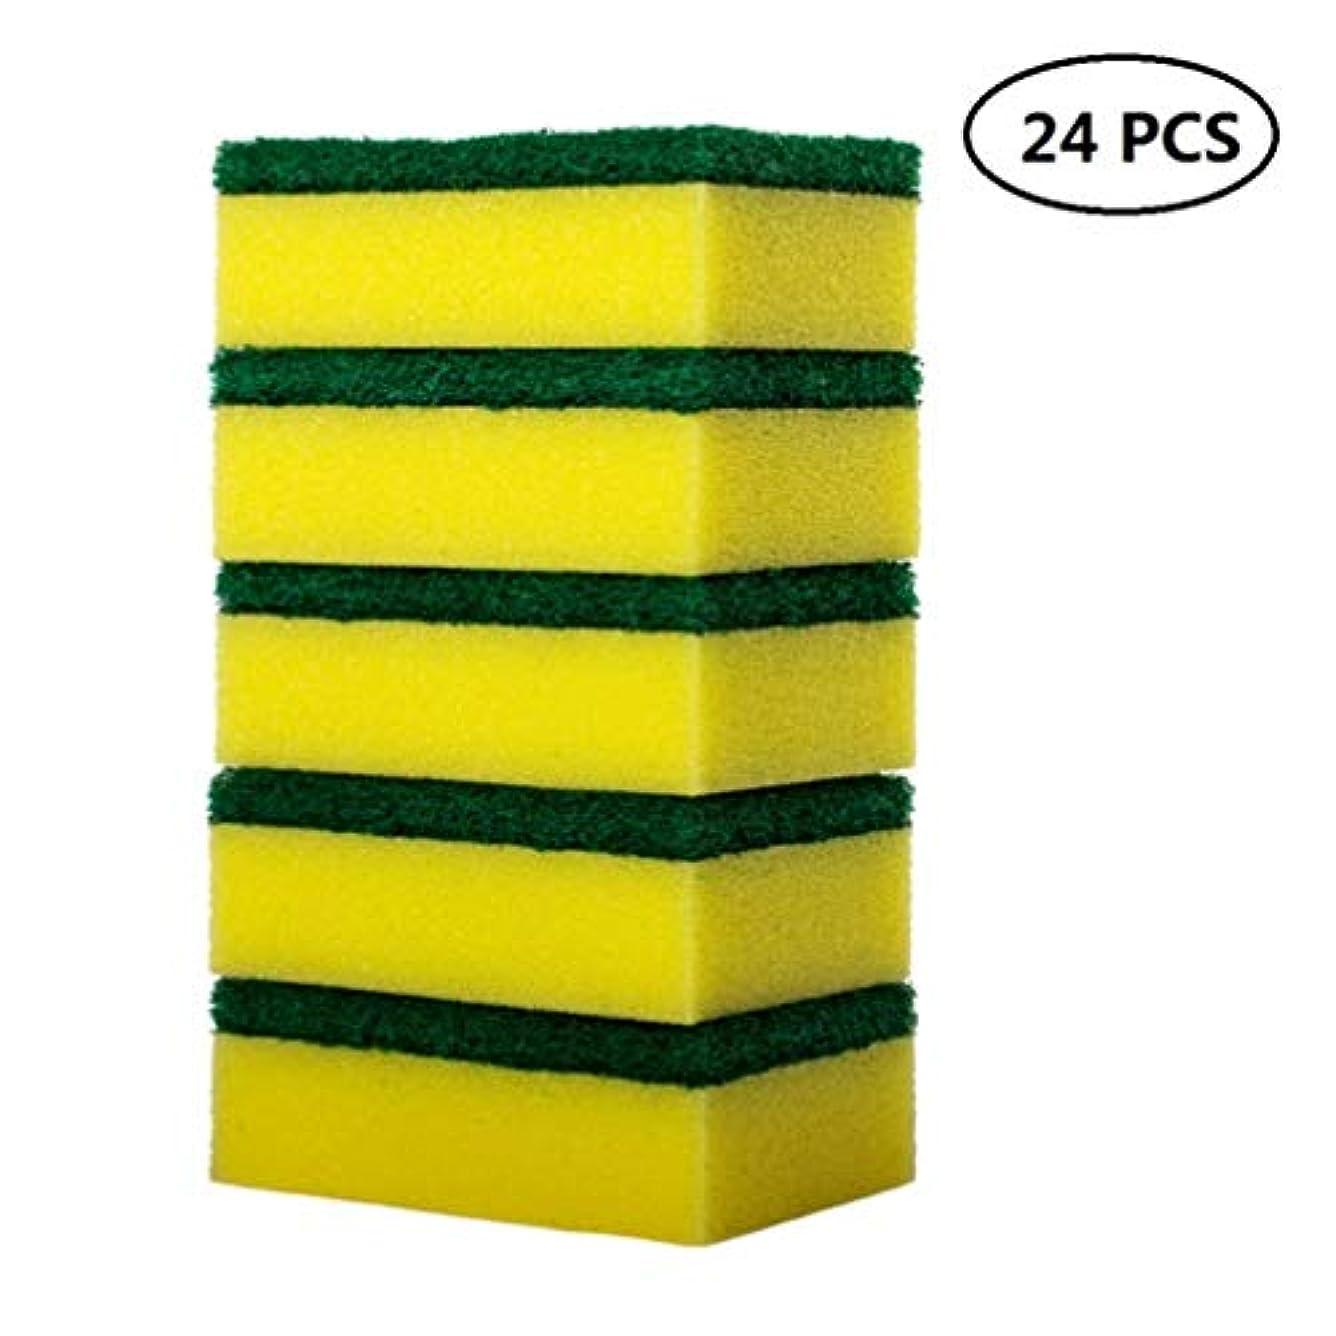 自伝ライターむちゃくちゃBESTONZON 24ピーススポンジ精練パッド食器洗いスポンジキッチンクリーニングナノコットン洗浄ポットブラシ(黄色+緑)